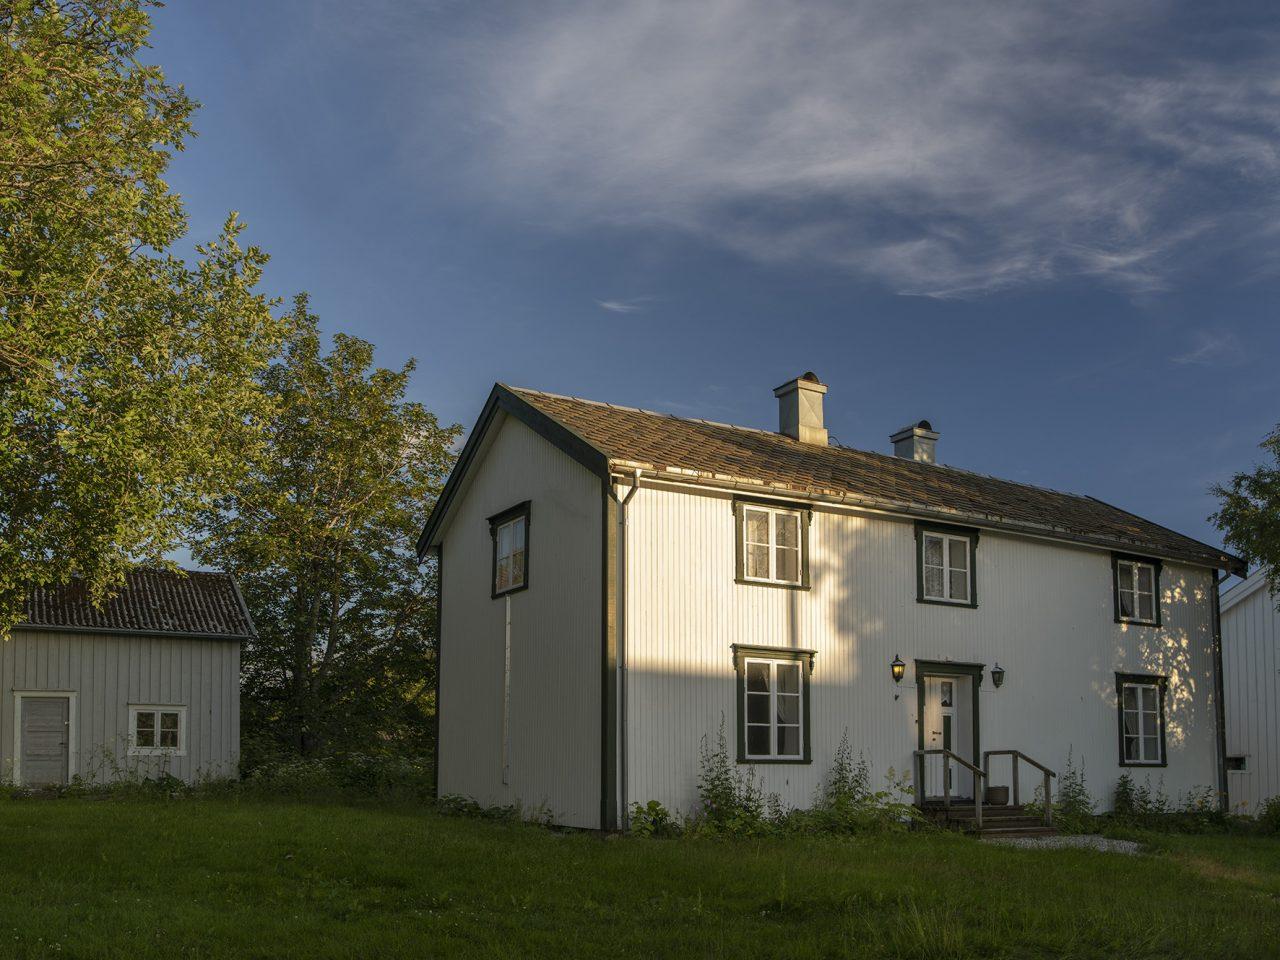 Nesn. Museet har forvaltet Klokkergården og uthuset siden 2000